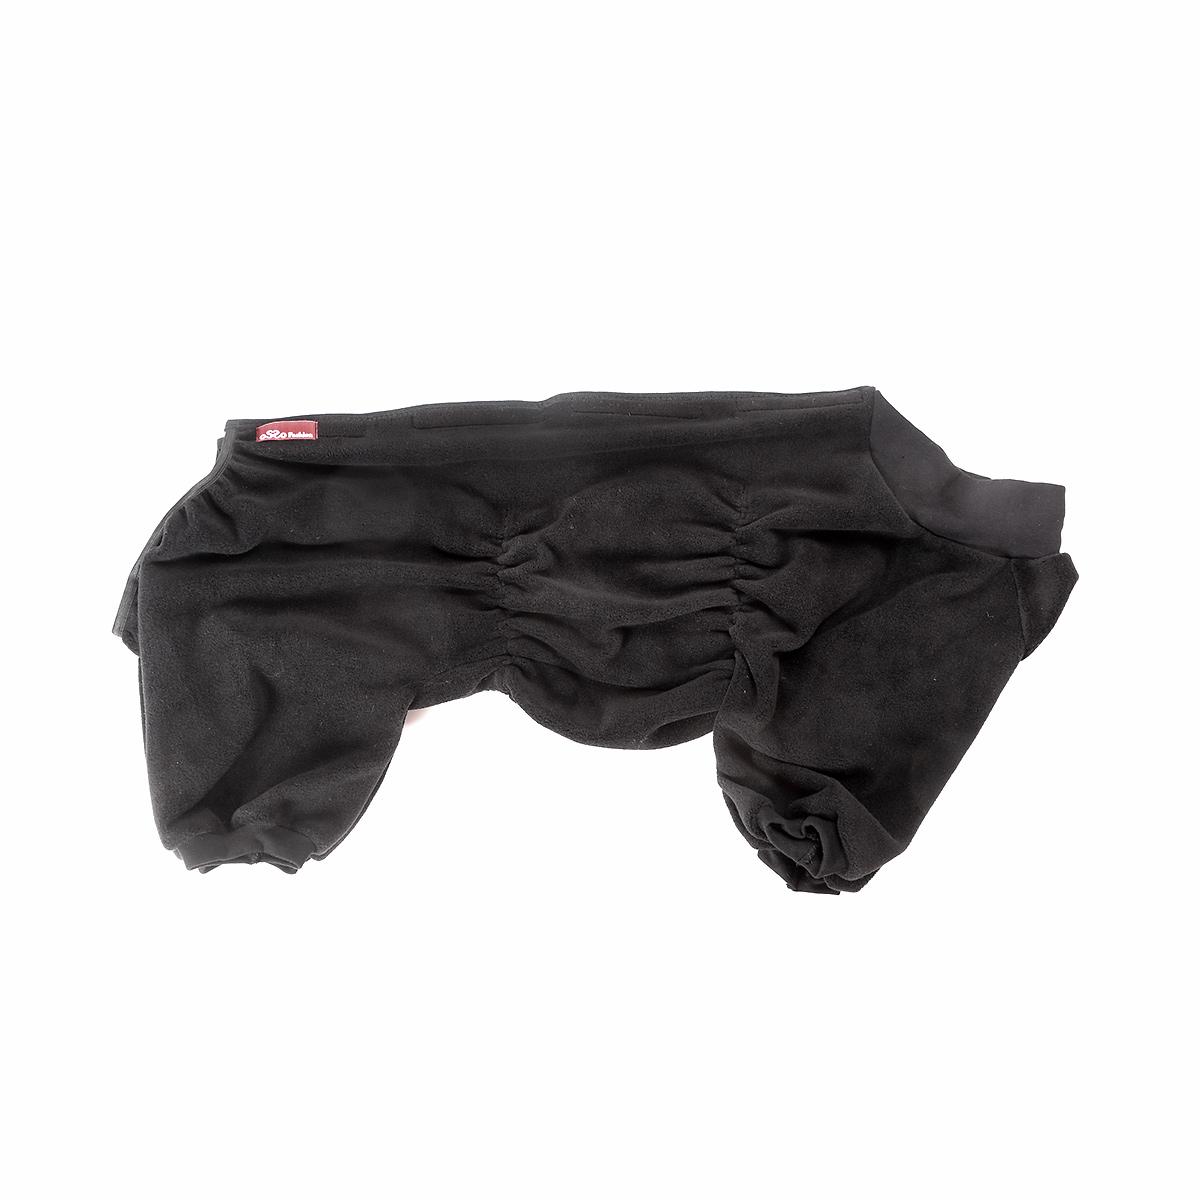 Комбинезон для собак  OSSO Fashion , для мальчика, цвет: графит. Размер 40 - Одежда, обувь, украшения